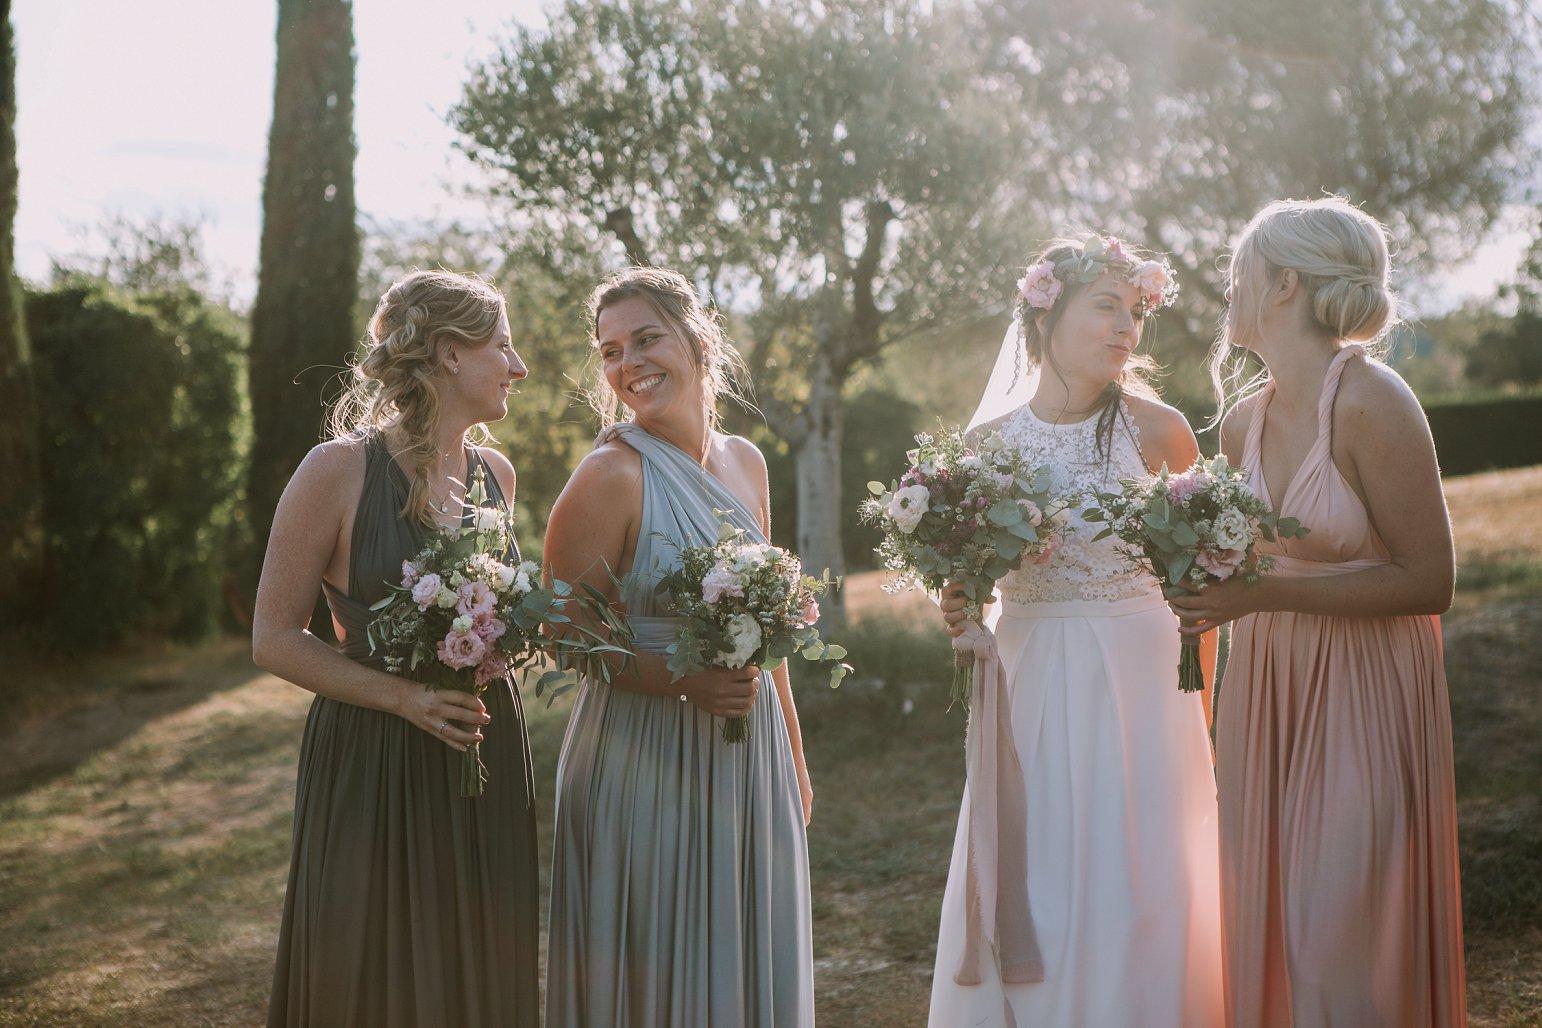 kateryna-photos-mariage-wedding-france-ardeche-domaine-clos-hullias-Saint-Christol-de-Rodière-gard-cevennes_0213.jpg